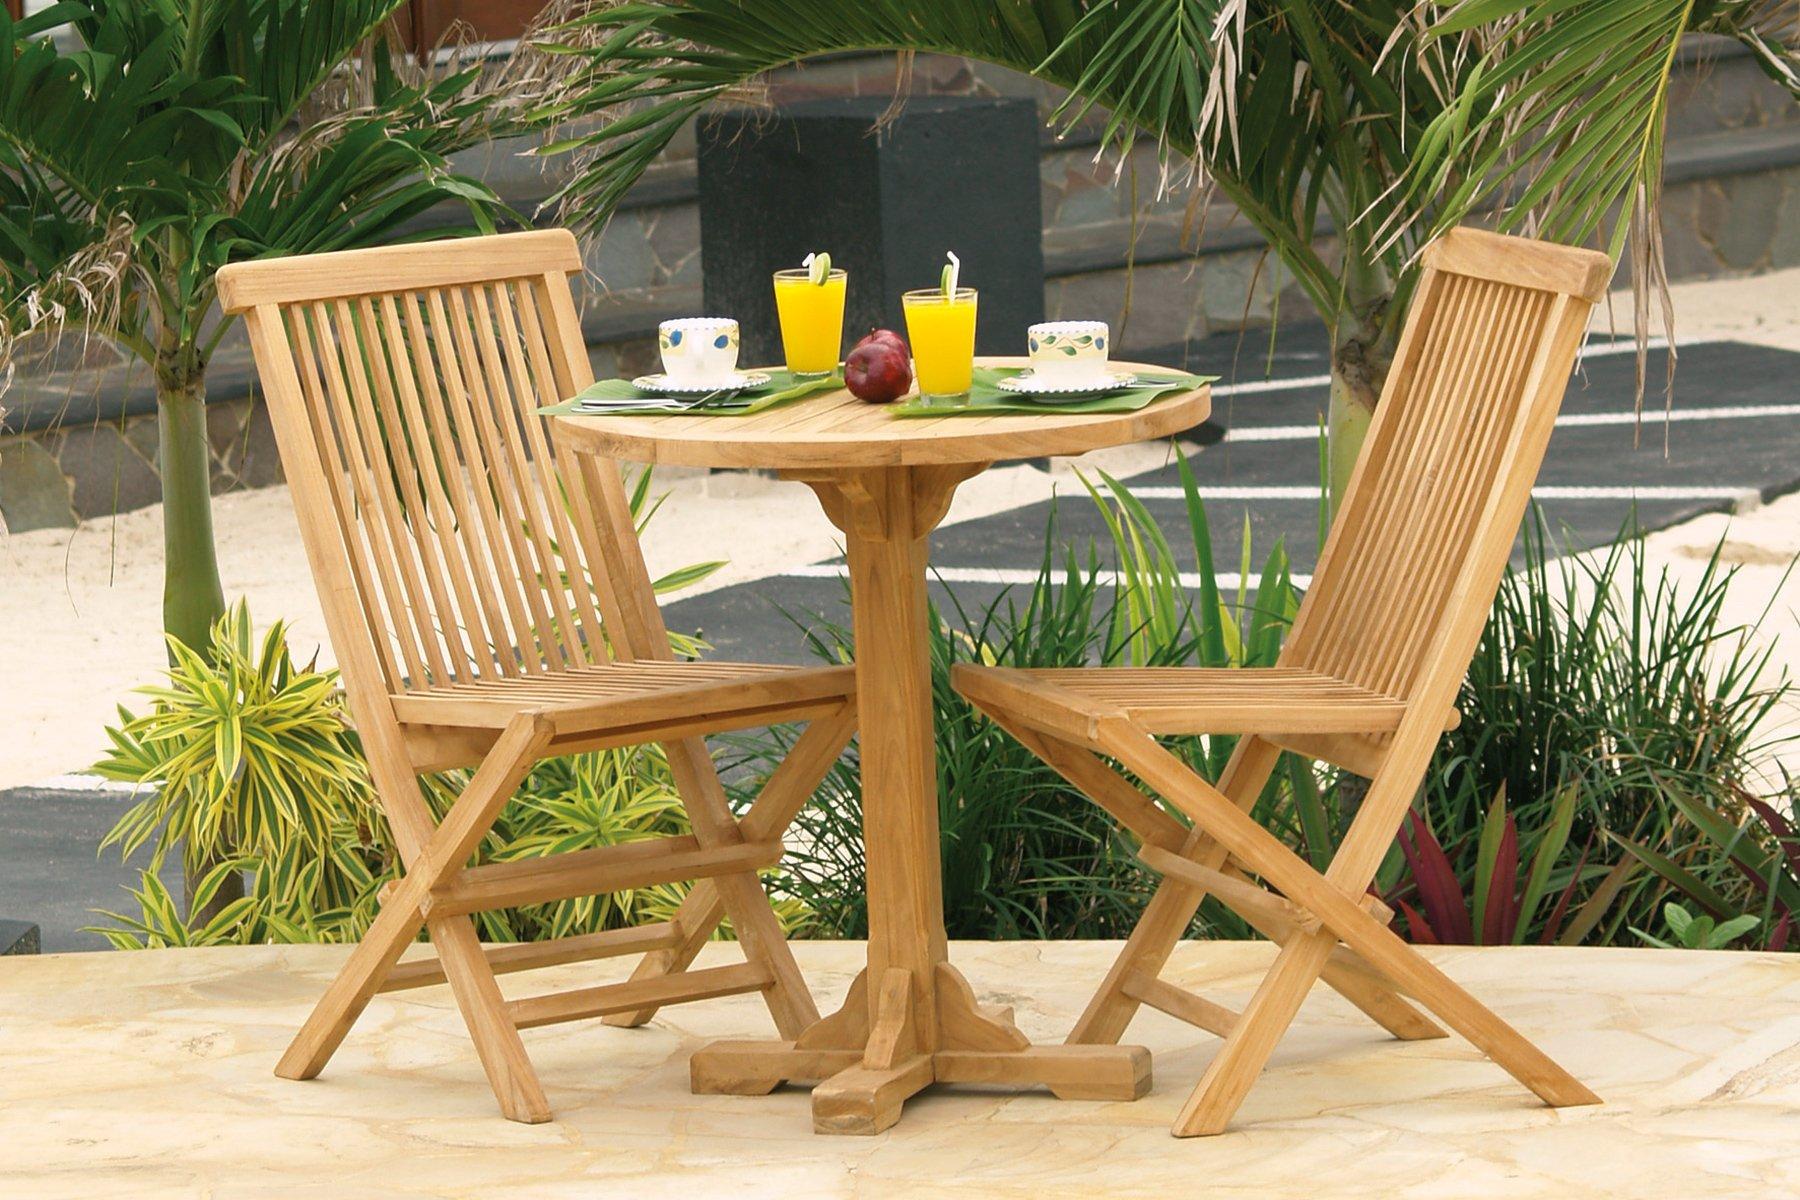 Visualizza dettagli tavolo a piede centrale rotondo il giardino di legno - Tavolo rotondo con piede centrale ...